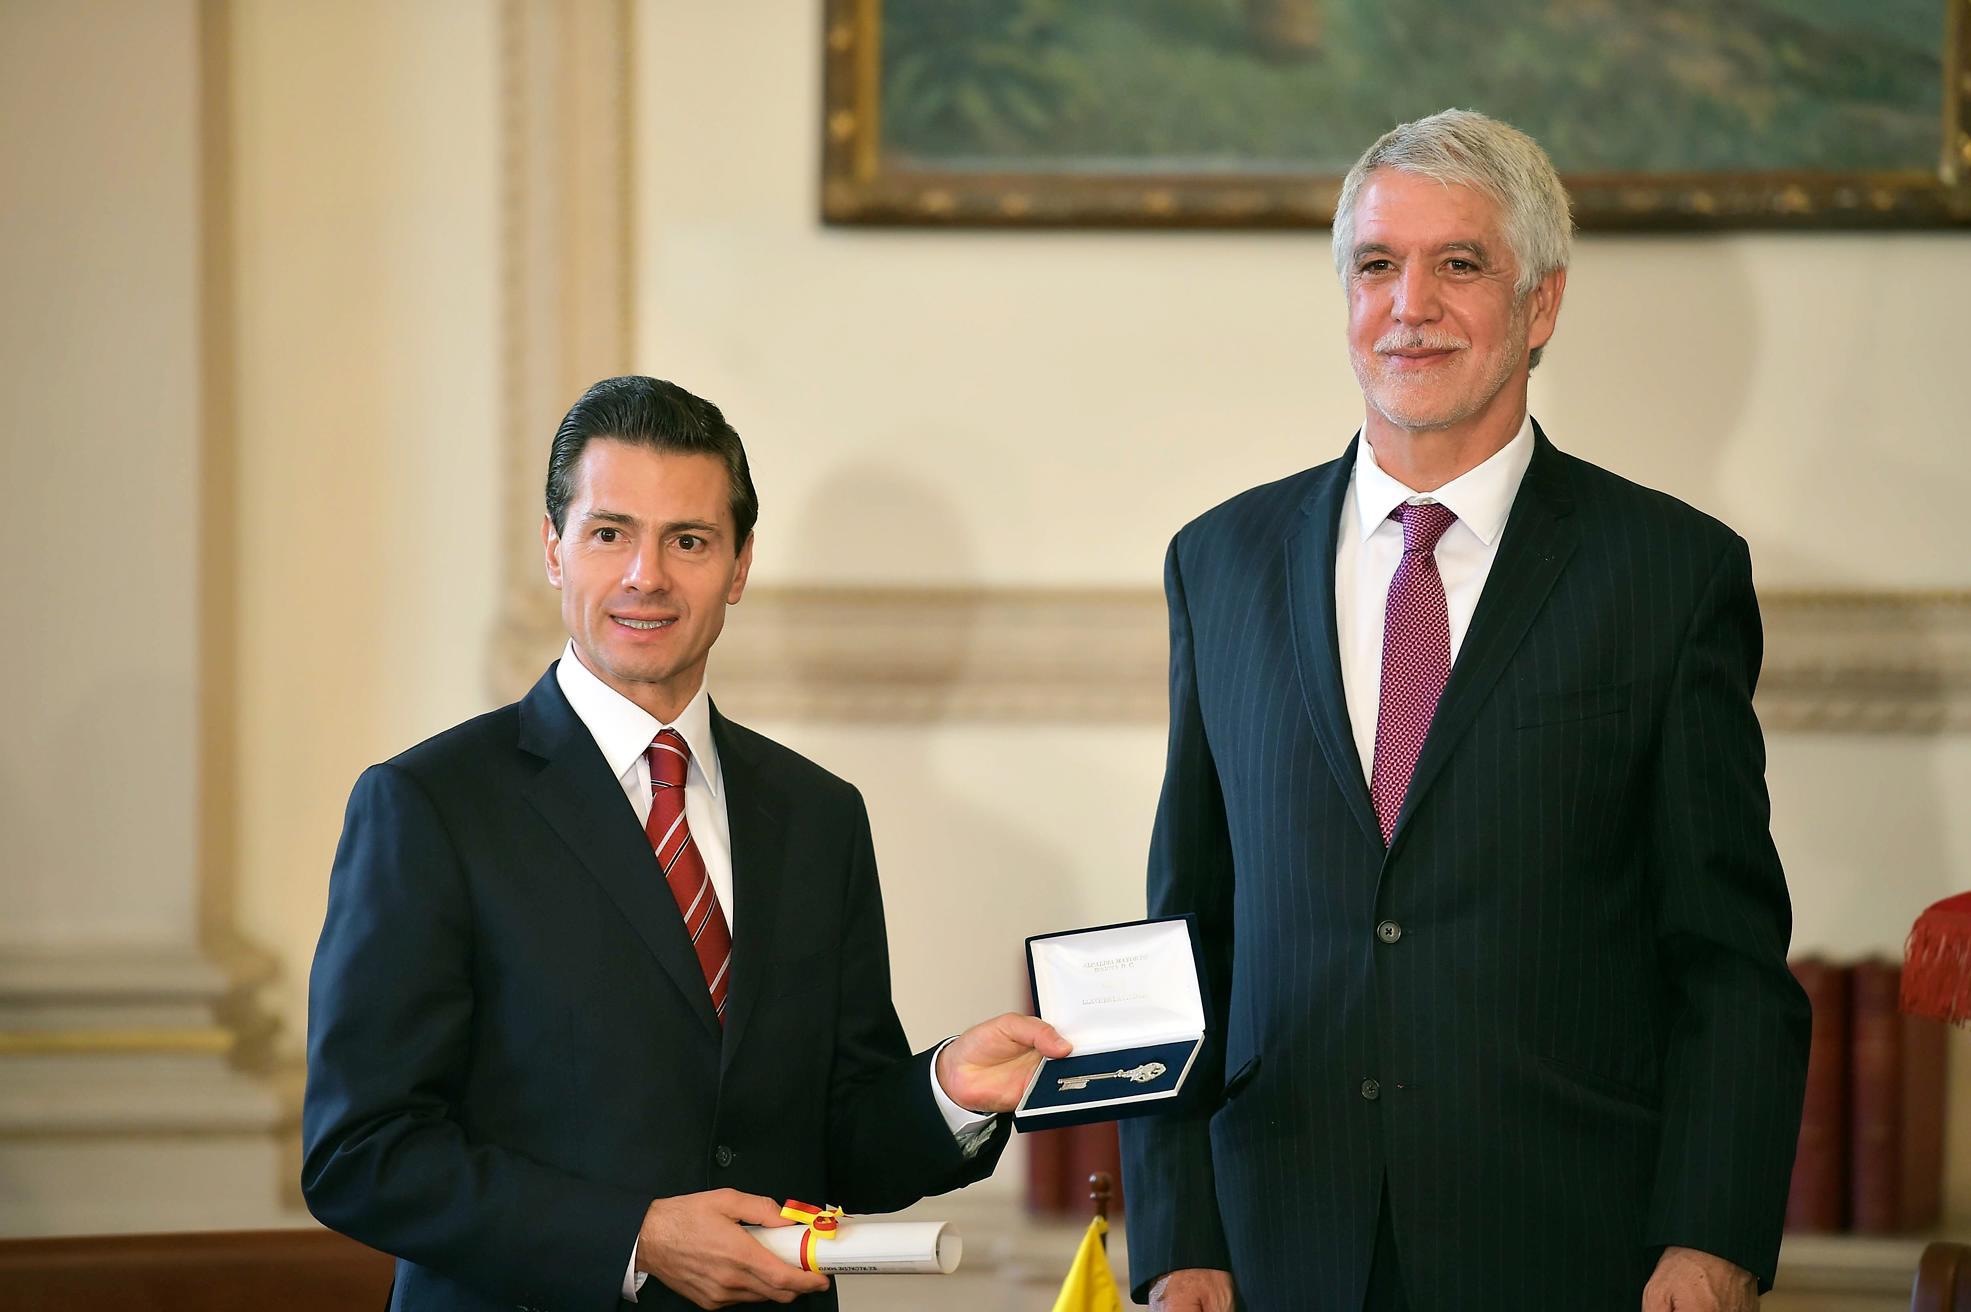 He venido a reafirmar los lazos de amistad y fraternidad entre Colombia y México: EPN